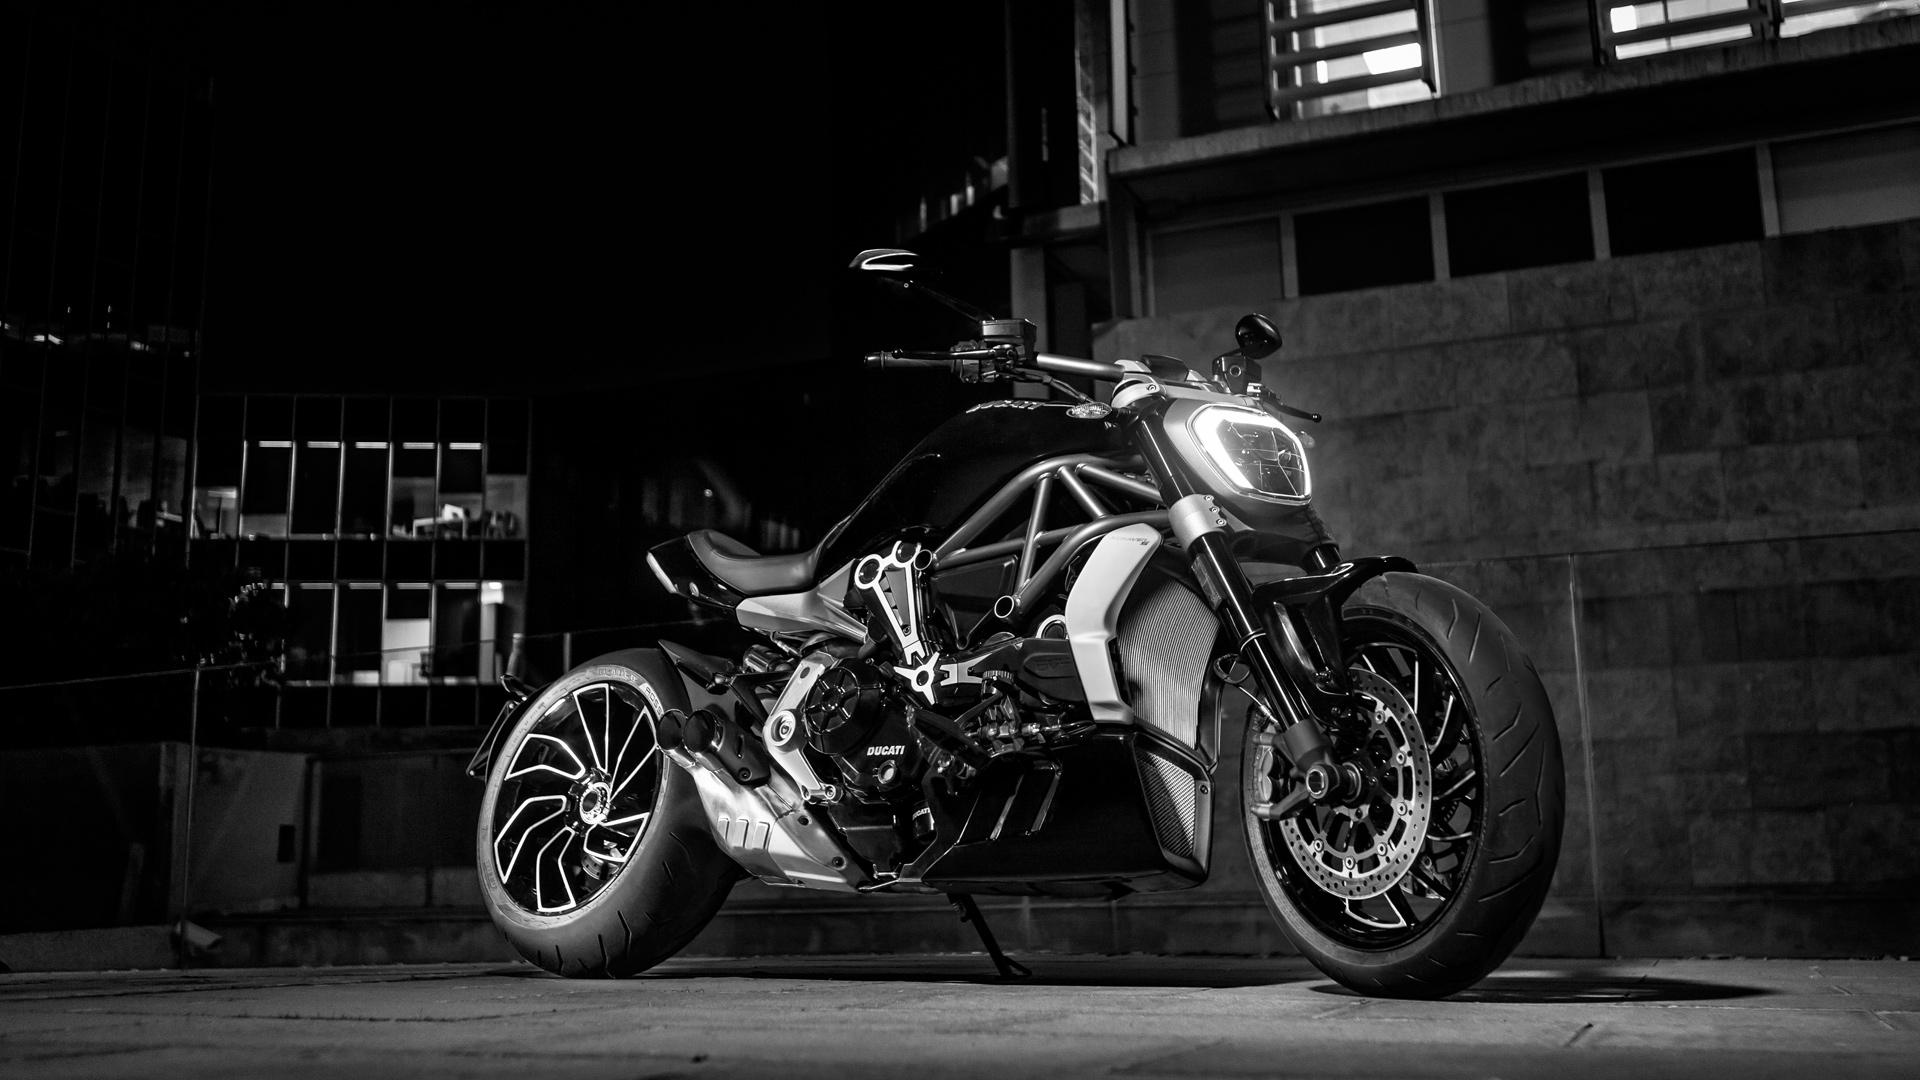 Ducati XDiavel Unique Sport Cruiser Bikes